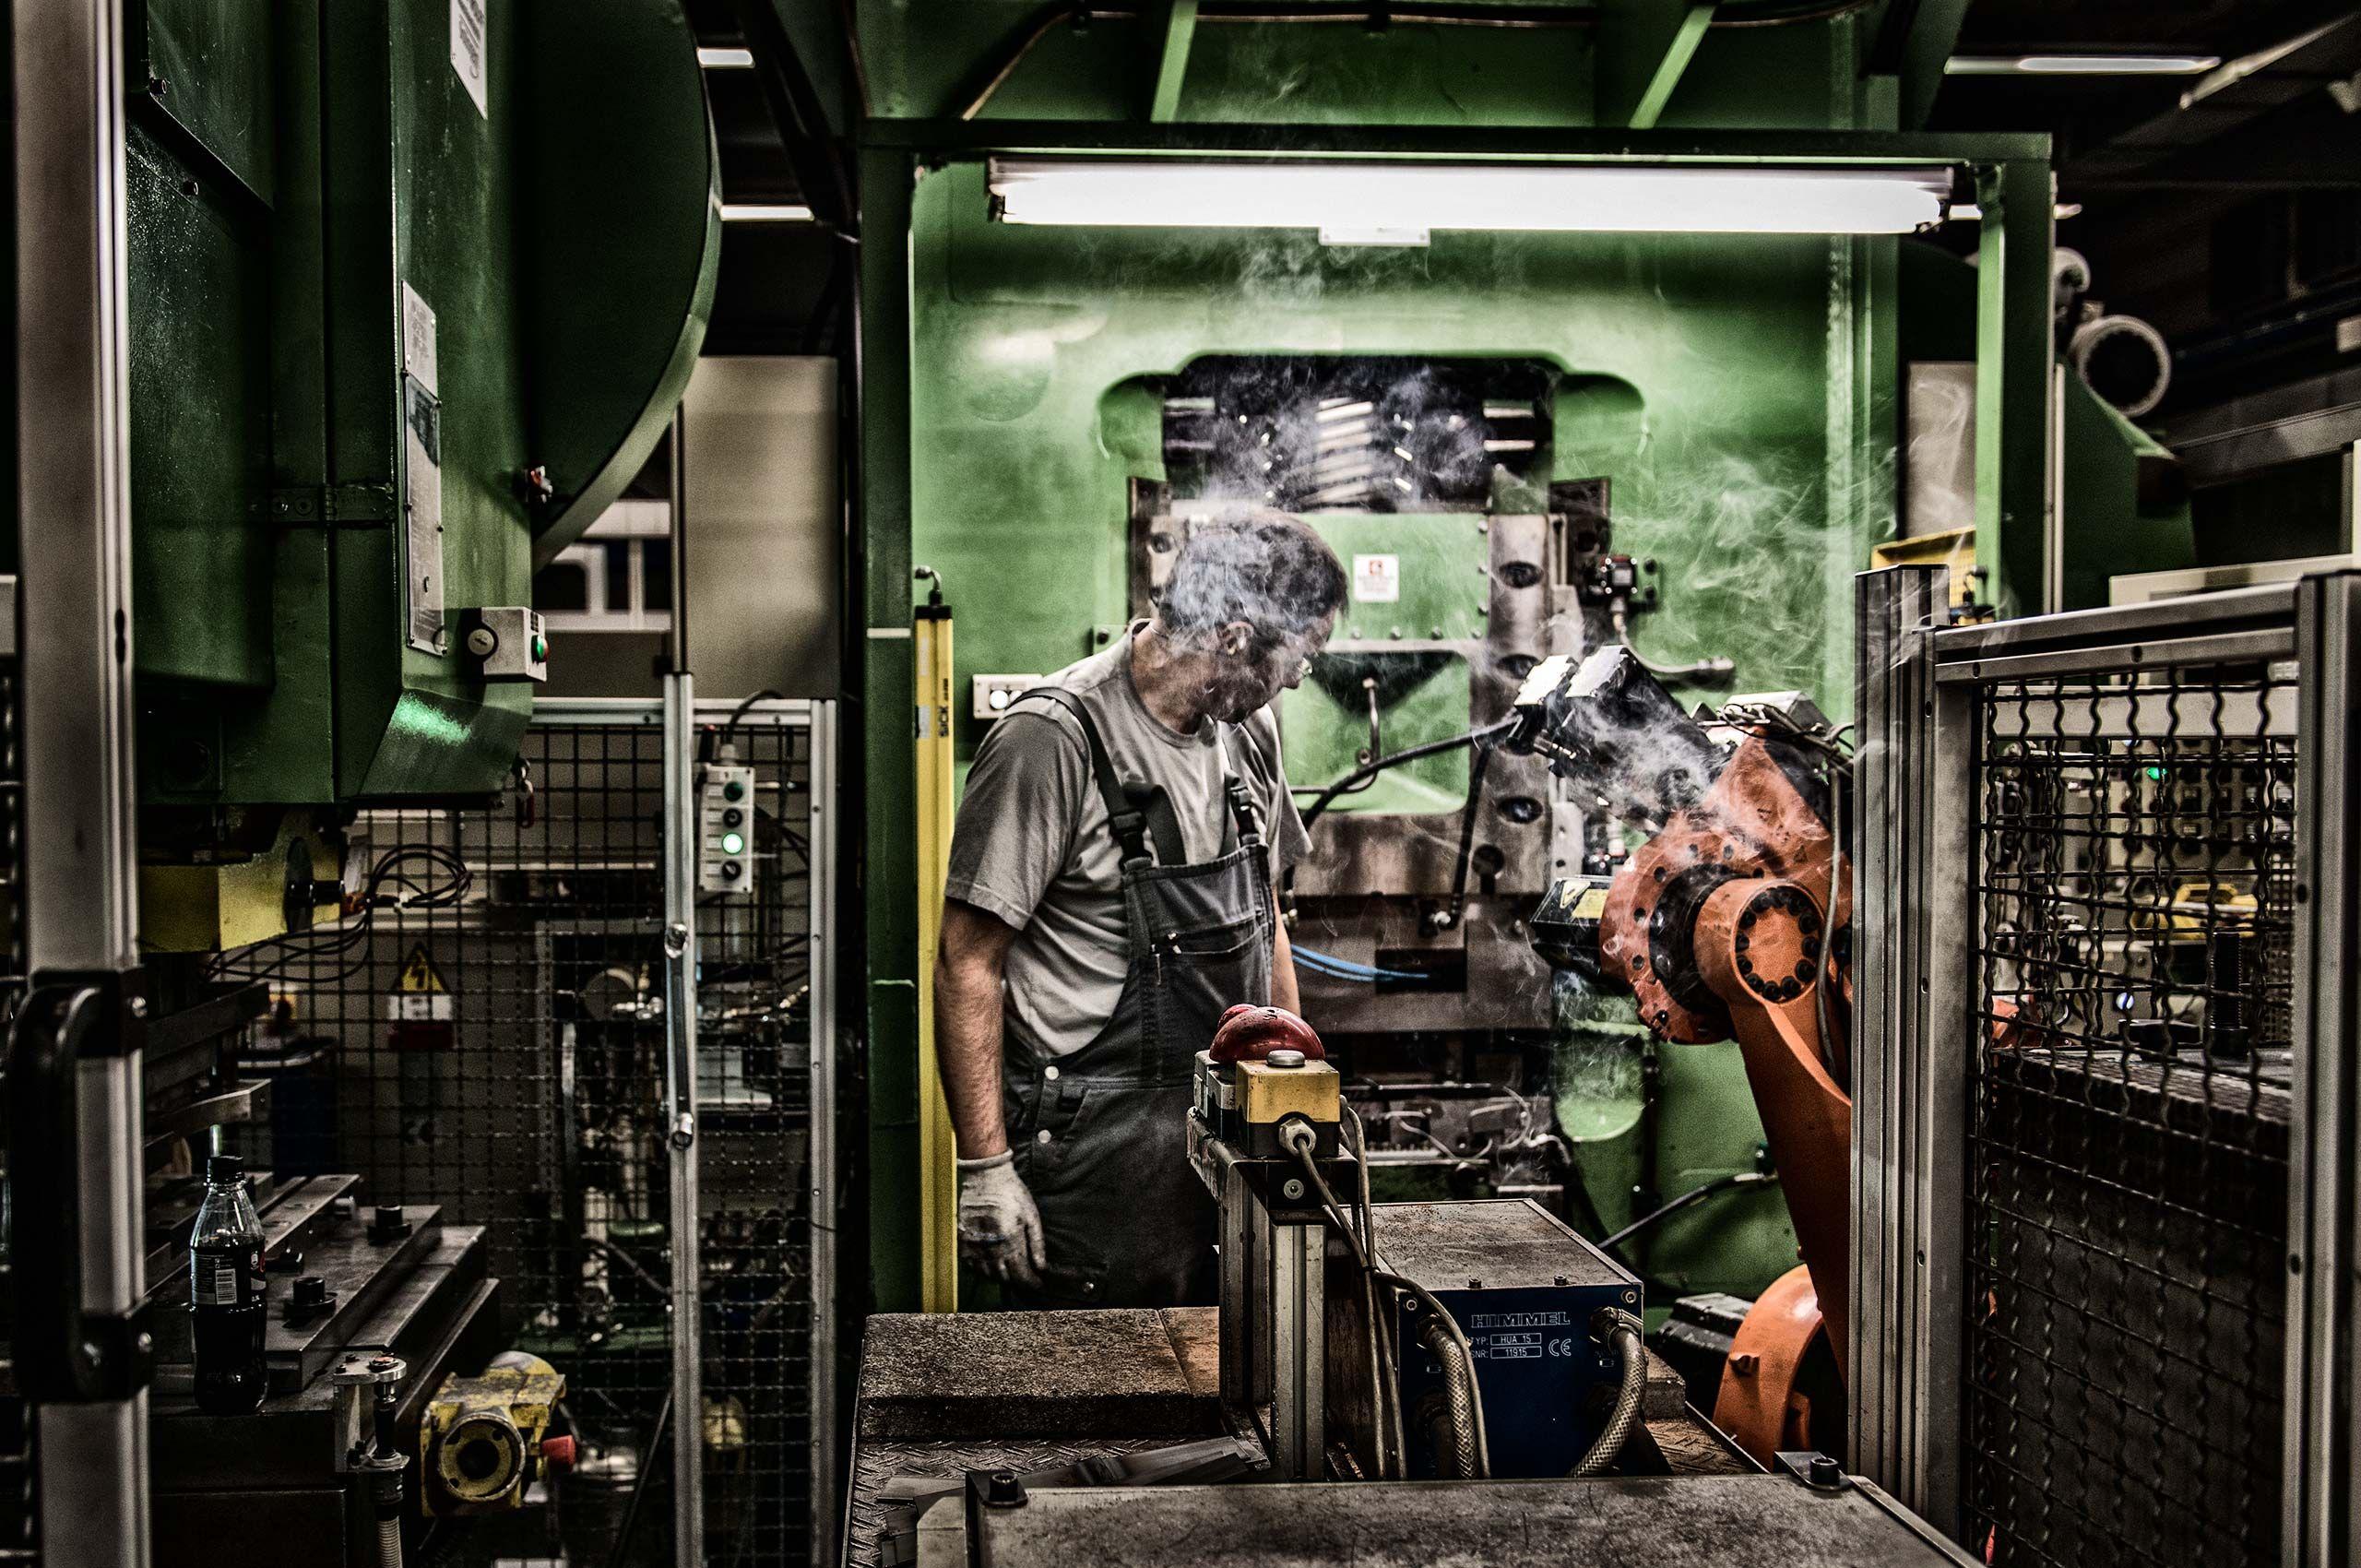 process-wusthof-factory-by-HenrikOlundPhotography.jpg